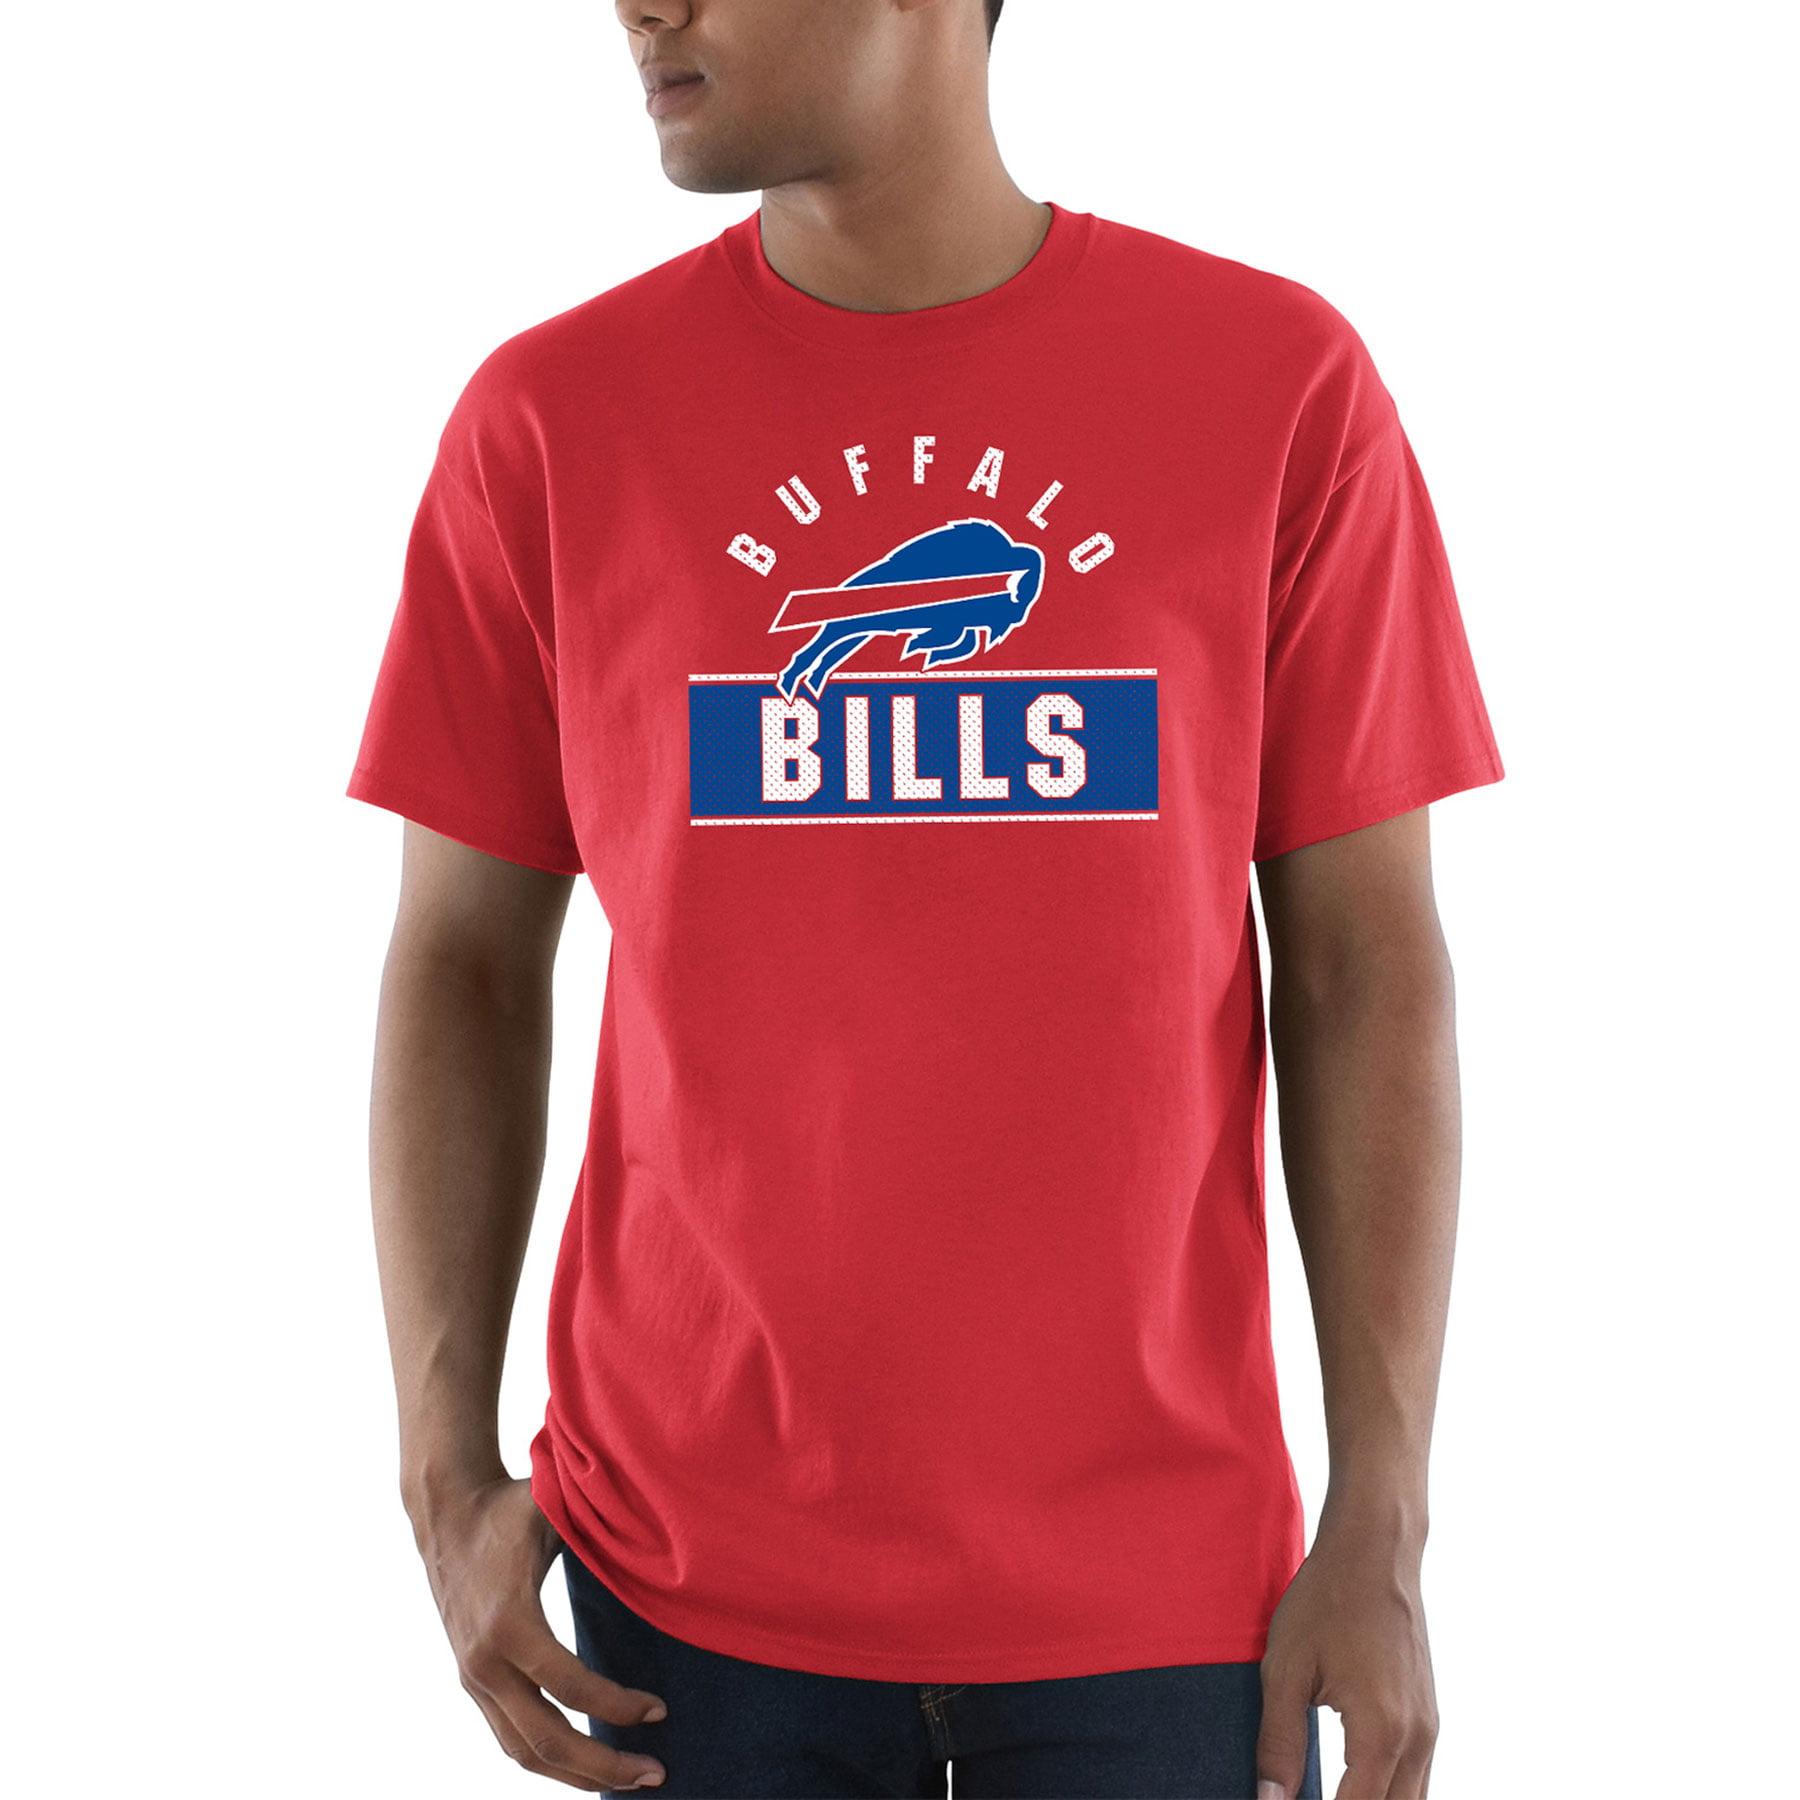 Buffalo Bills Majestic Maximized T-Shirt - Red